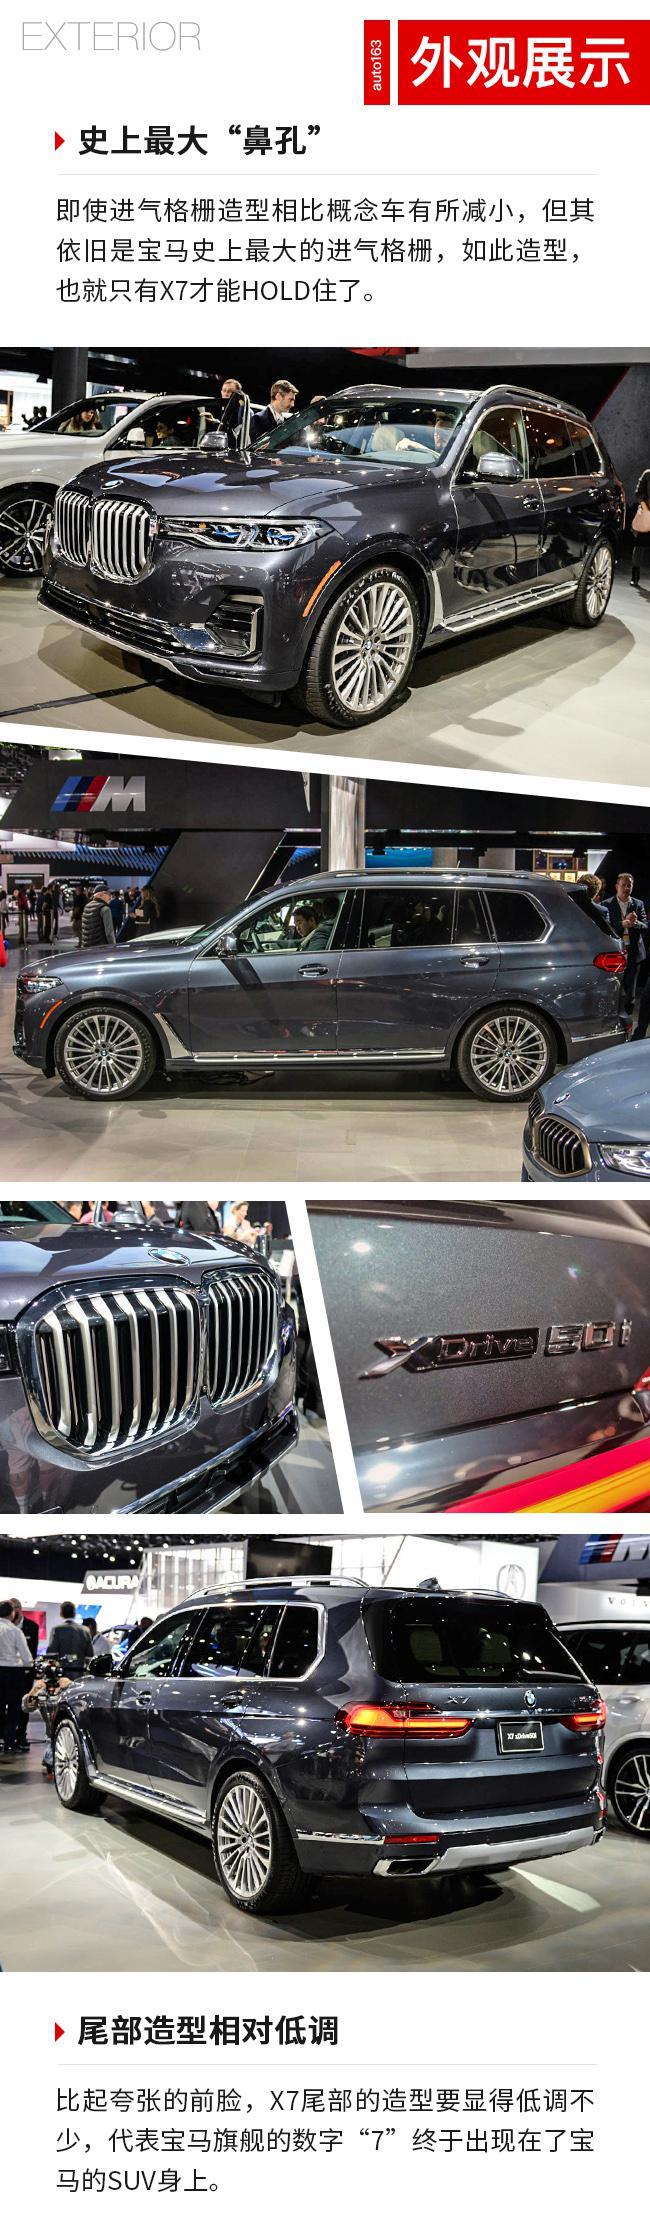 明年中旬国内见 洛杉矶车展体验宝马X7